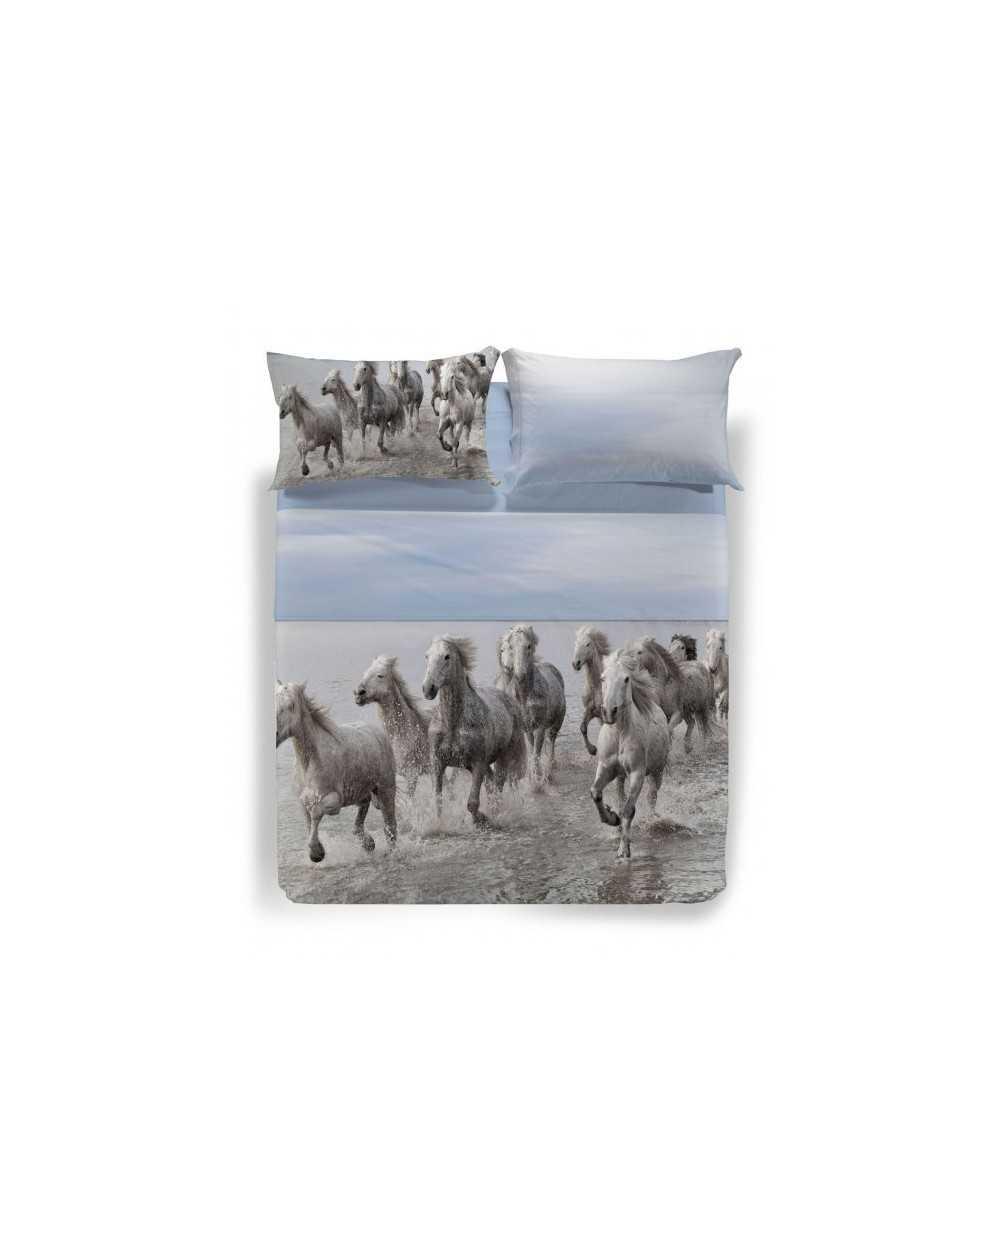 Set Lenzuola Copriletto Una Piazza E Mezza Cavalli Wild Horses Caleffi